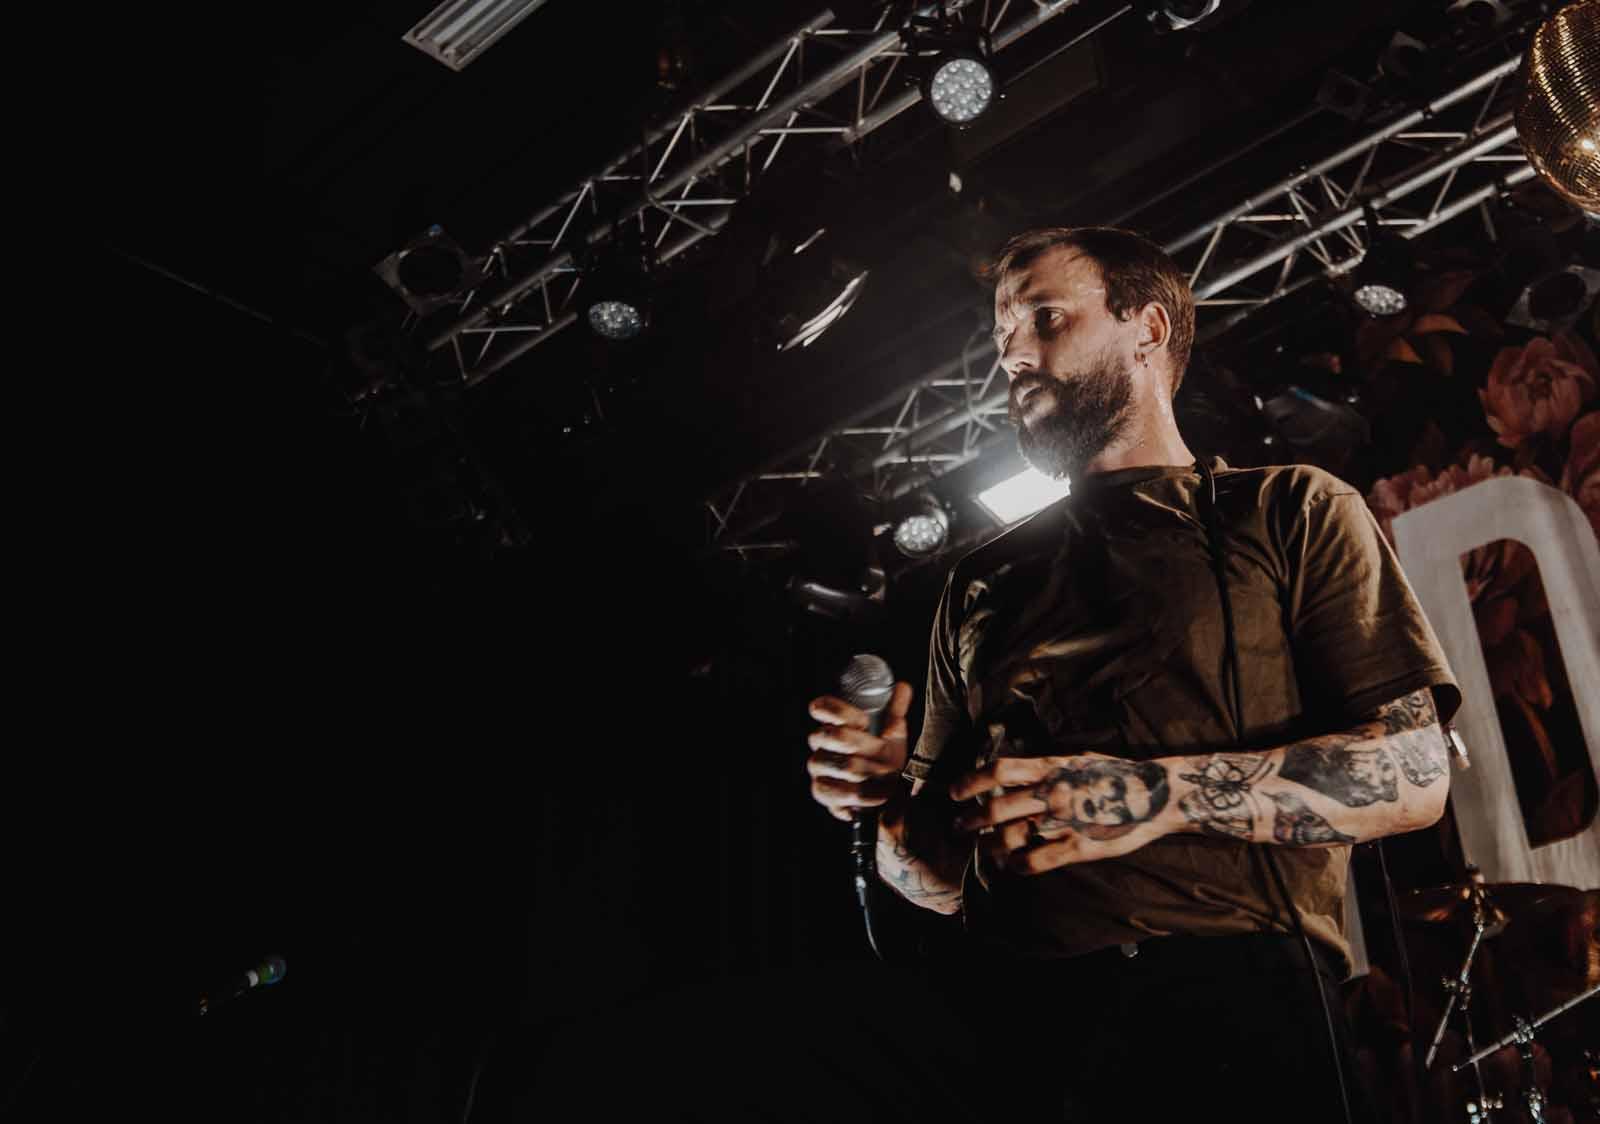 Recensie: IDLES omarmt de chaos in De Helling (concert)